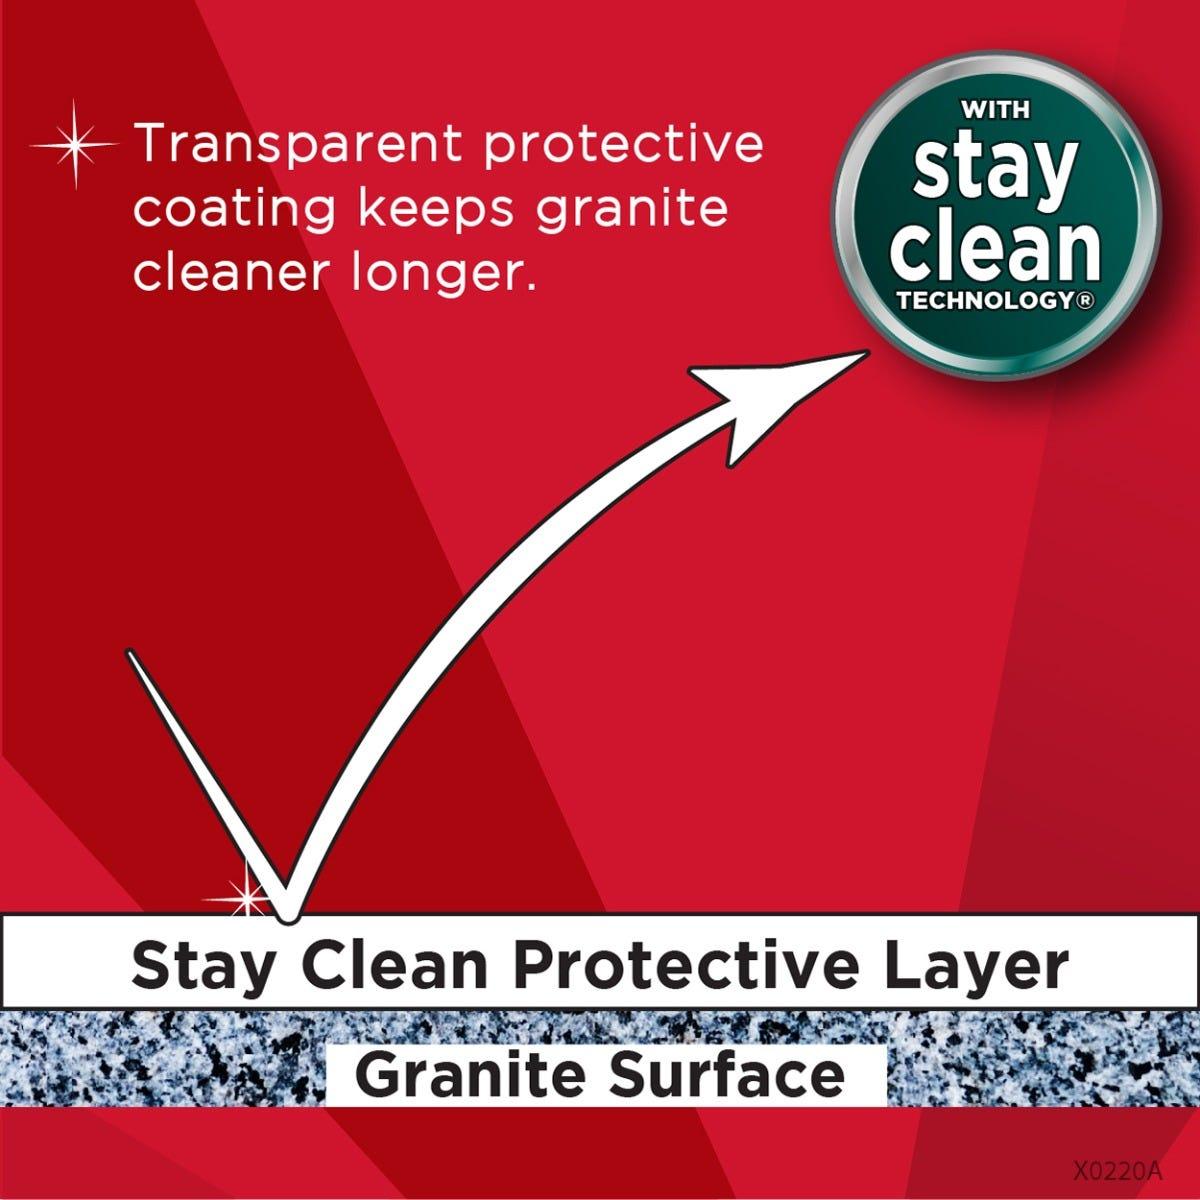 https://googone.com/media/catalog/product/s/t/stay_clean_technology_granitecleaner.jpg